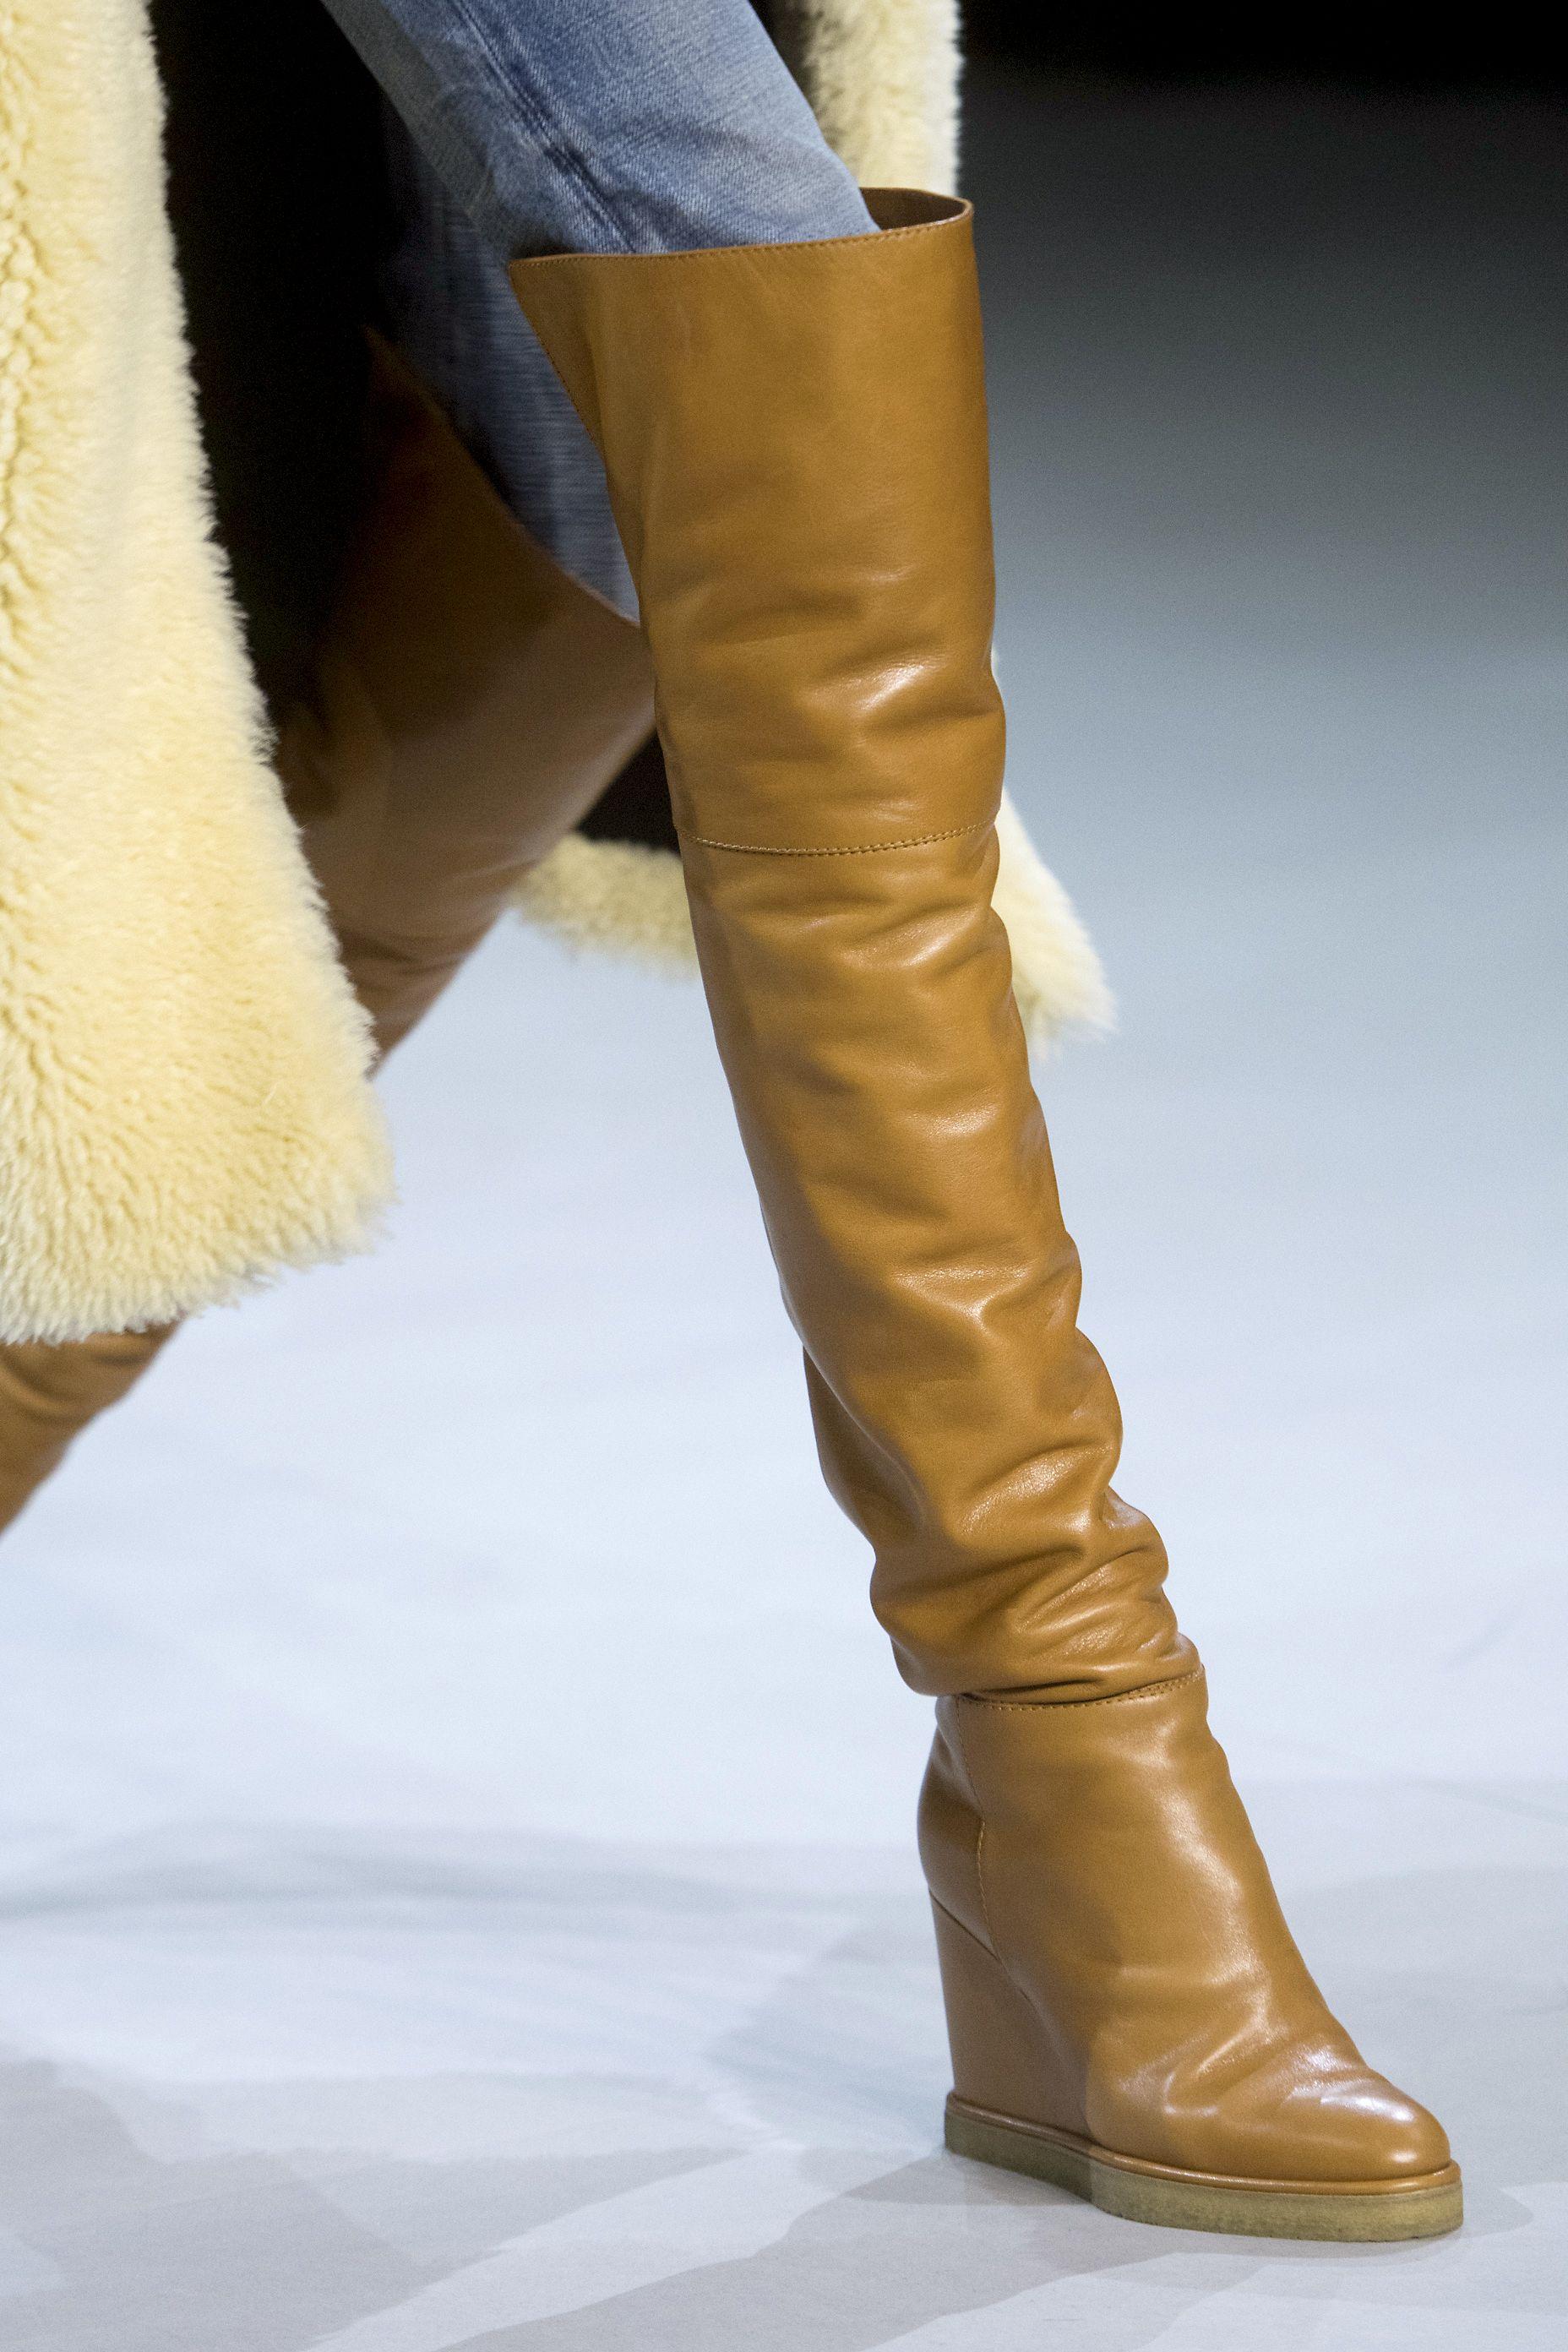 Le migliori 10 immagini su Stivali ugg | Abbigliamento